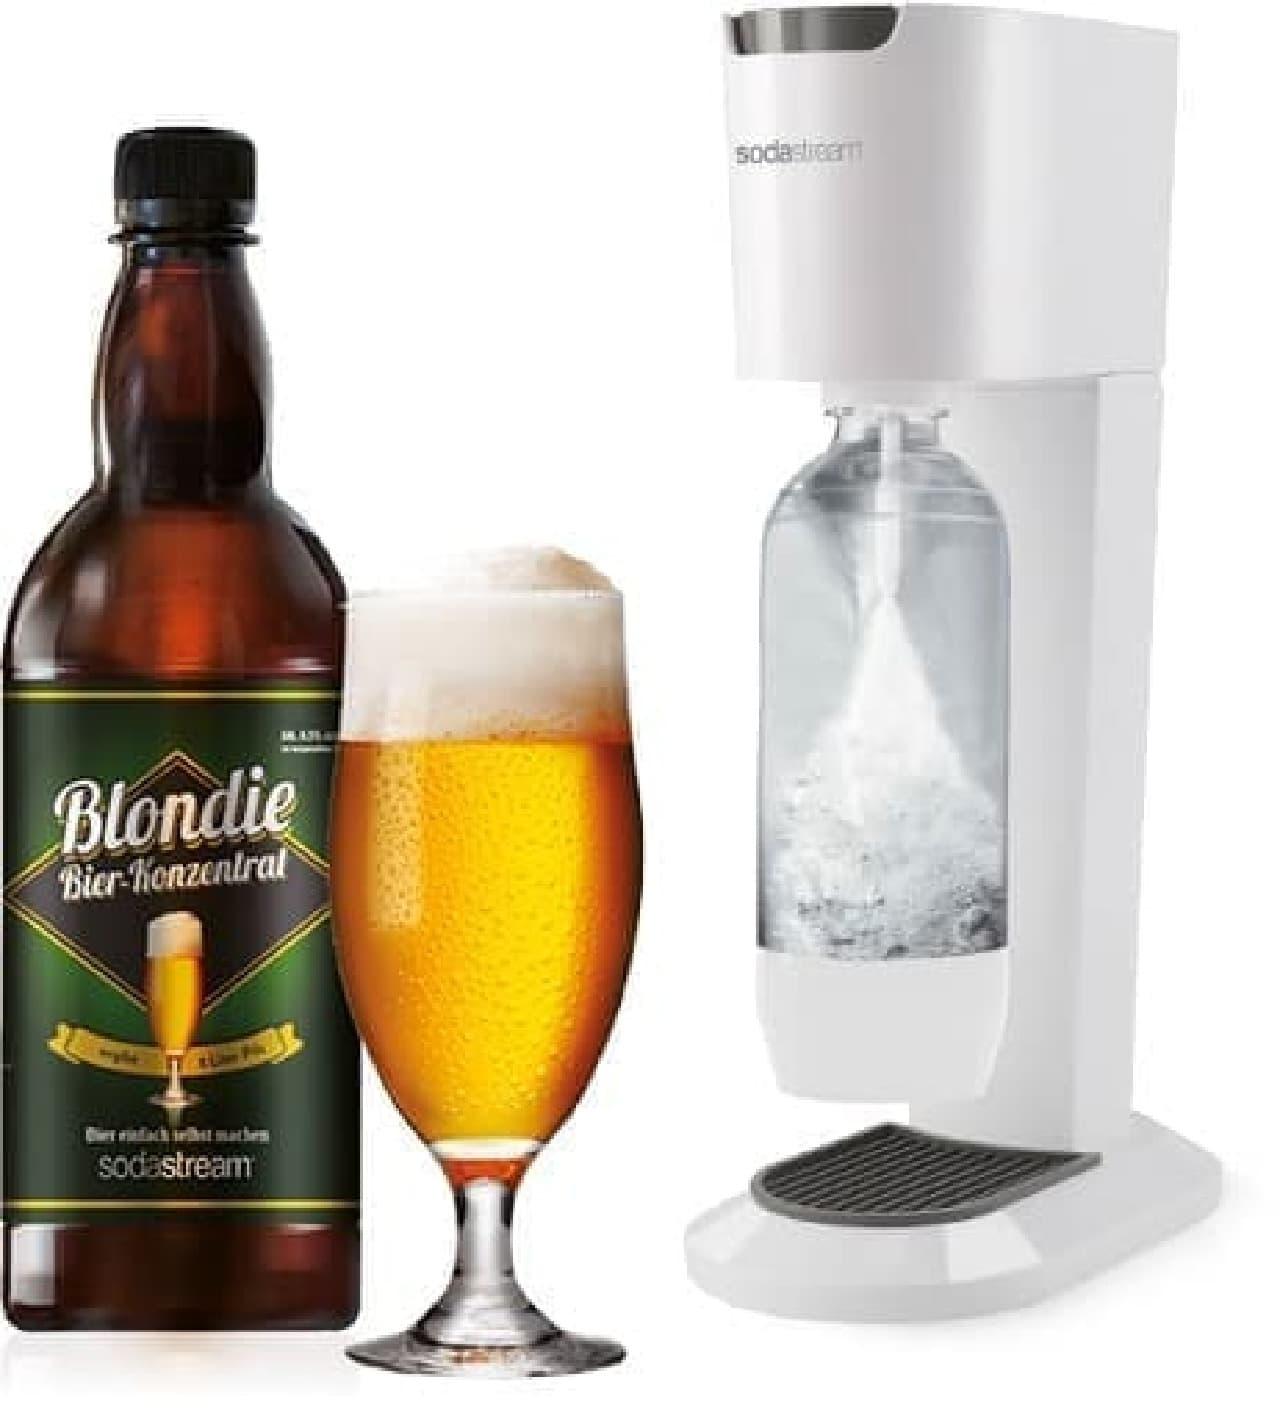 水をビールにするソーダストリームの「Beer Bar」